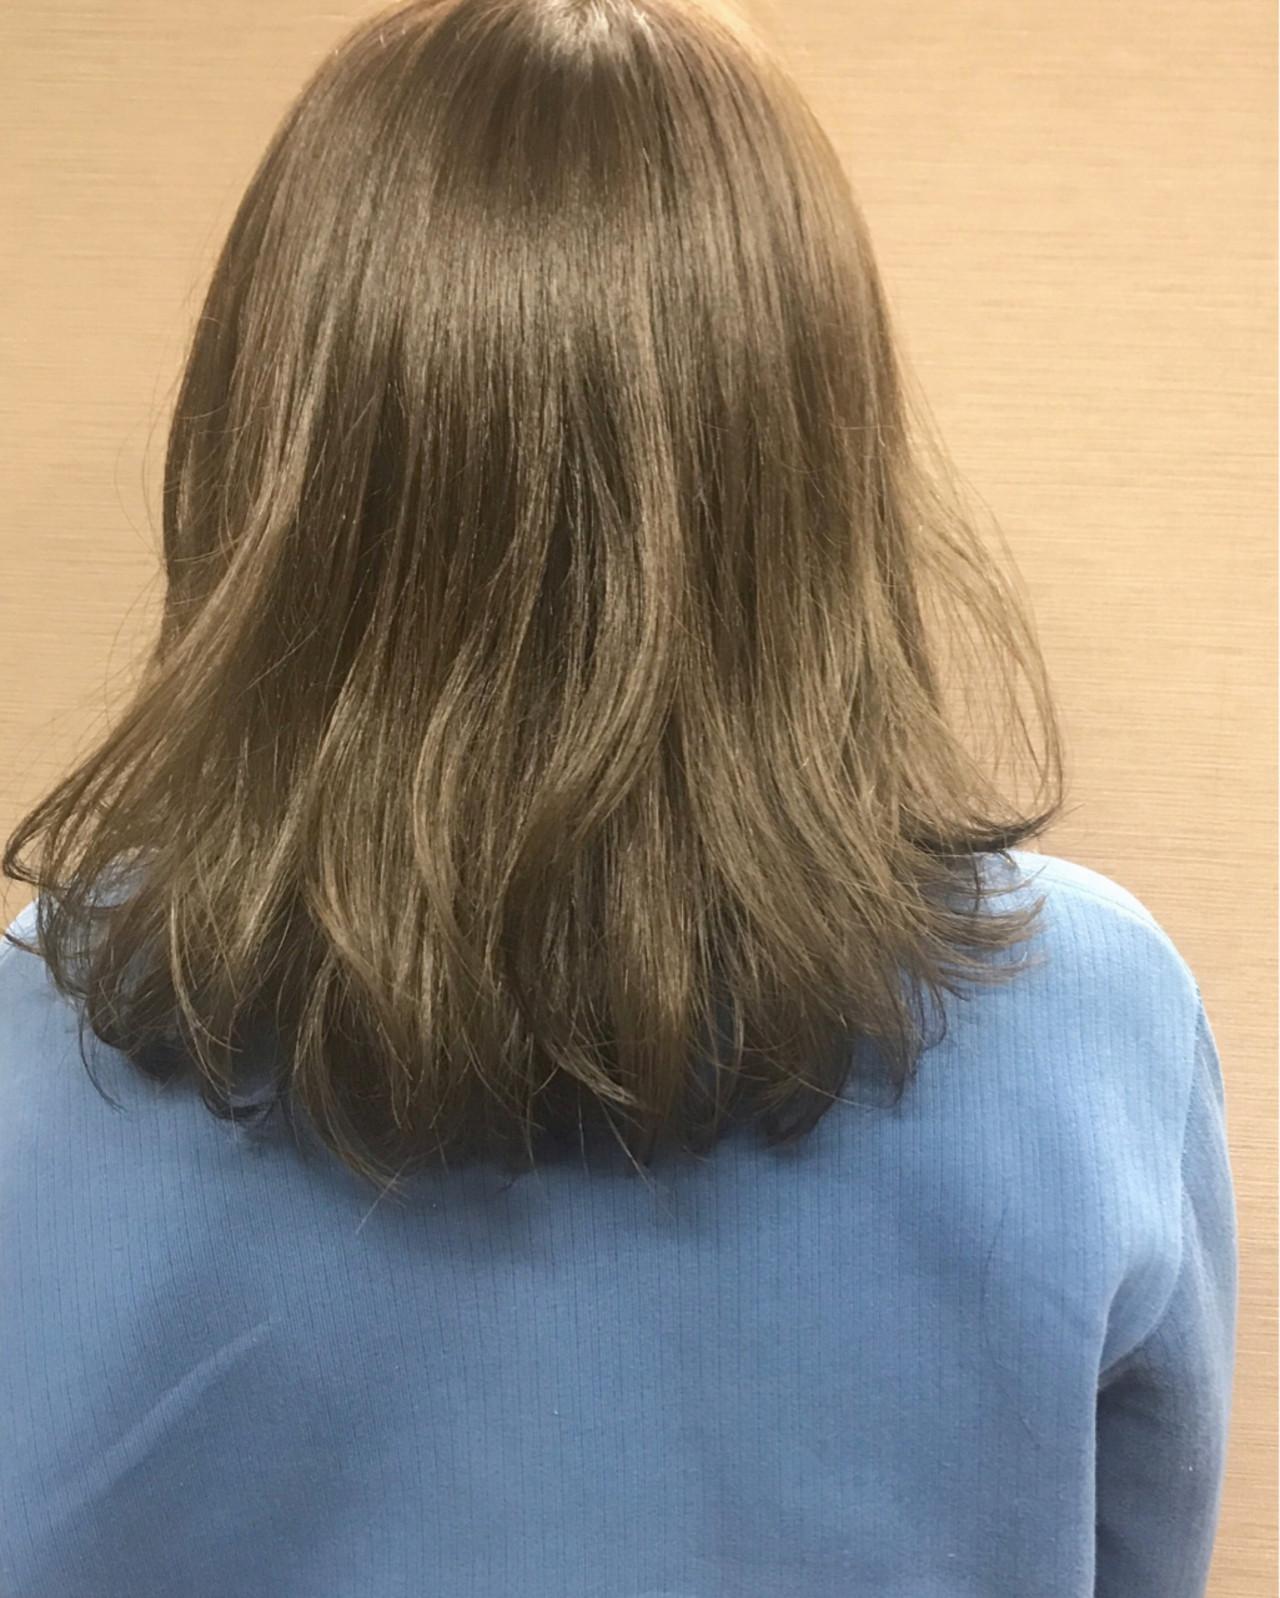 冬 グレージュ ウェーブ ミディアム ヘアスタイルや髪型の写真・画像 | Mirai / enntaku